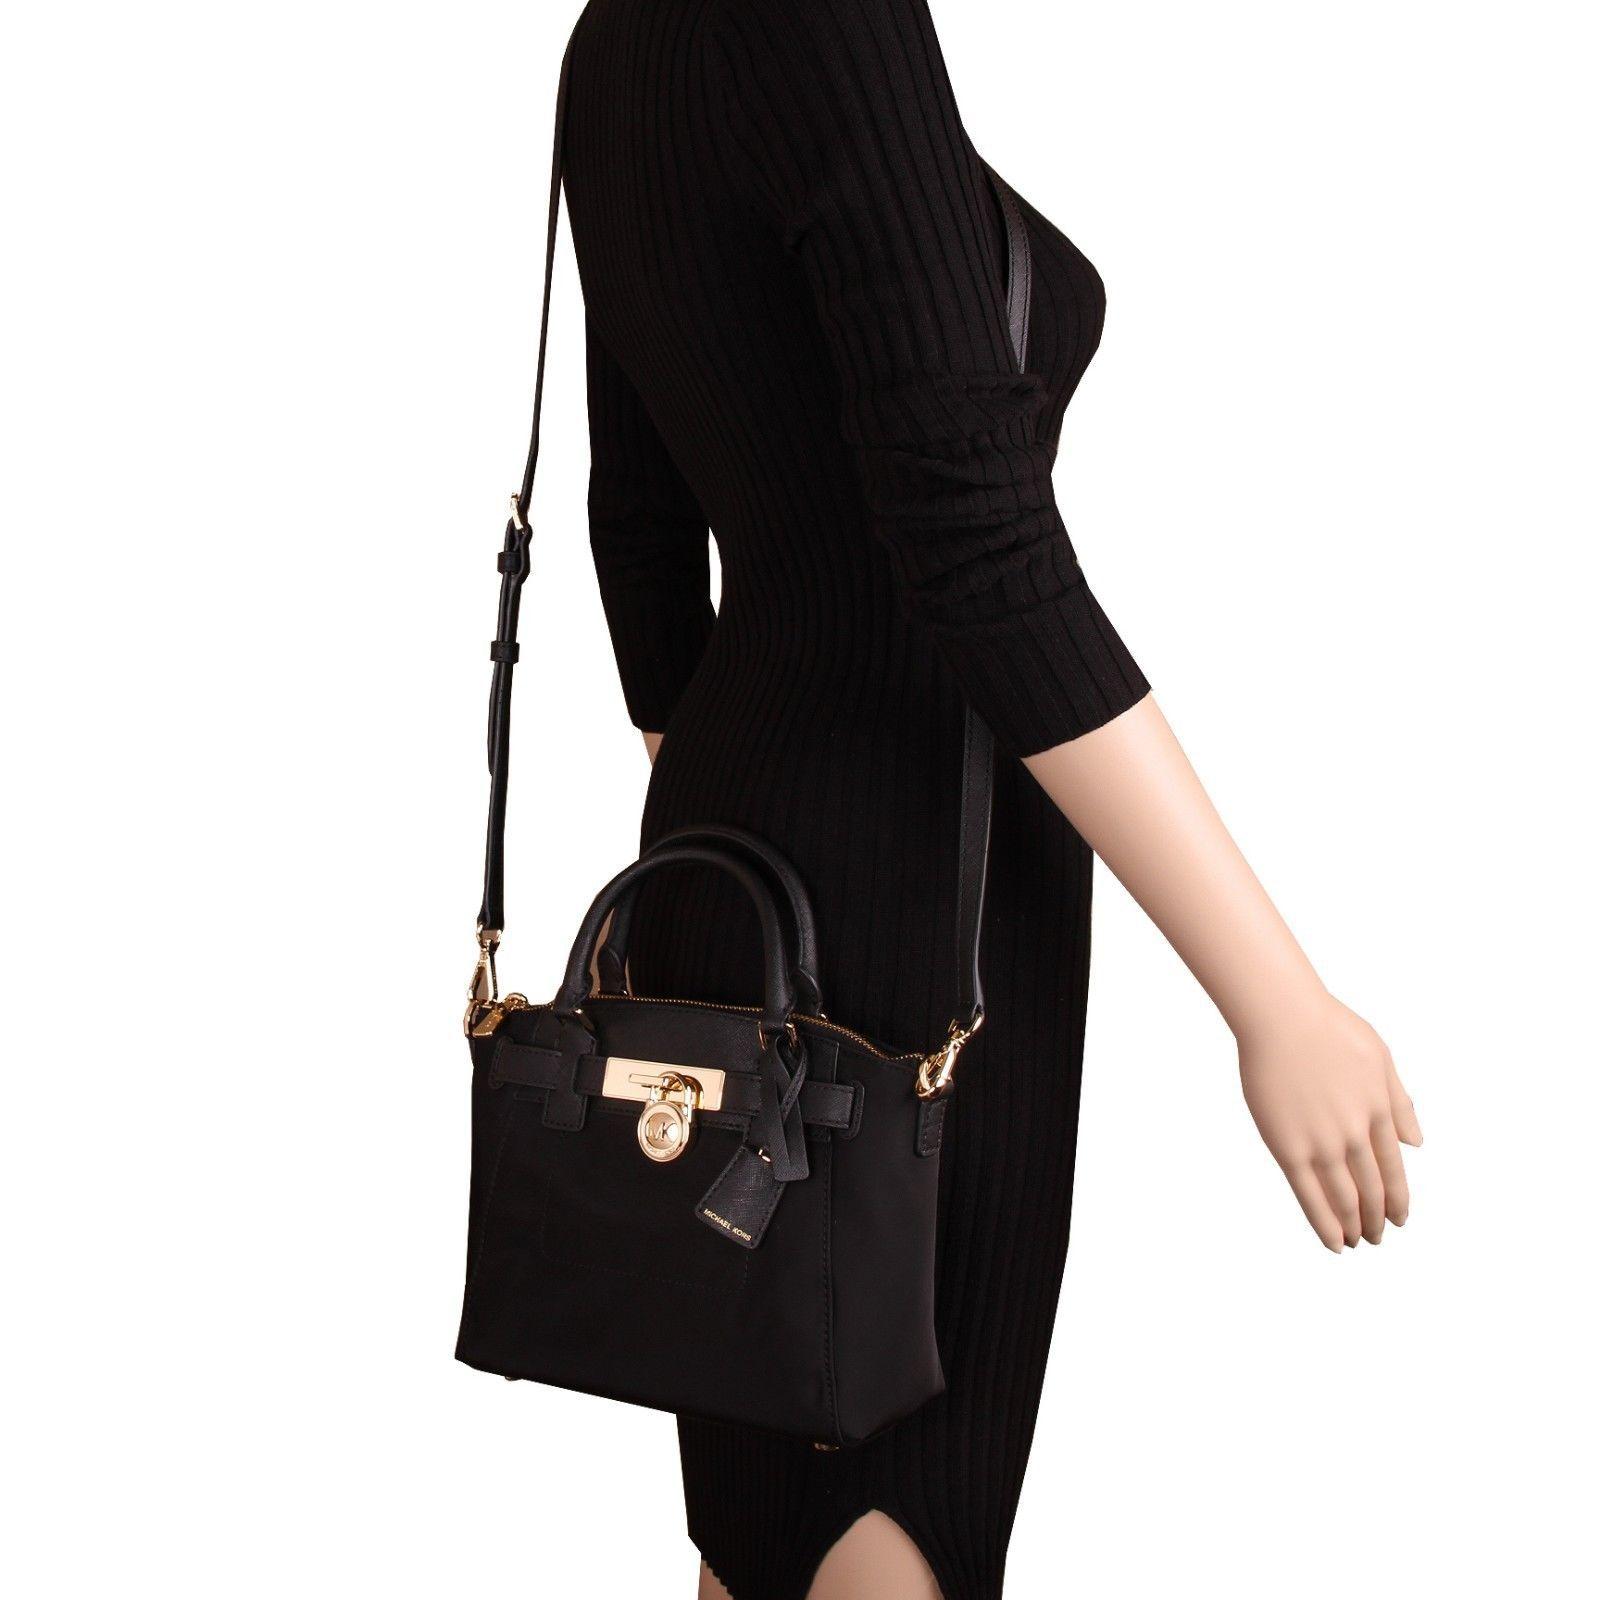 d19757a0ca5017 99.50   NWT Michael Kors HAMILTON Nylon Medium Top Zip Messenger Crossbody  Bag ❤ #